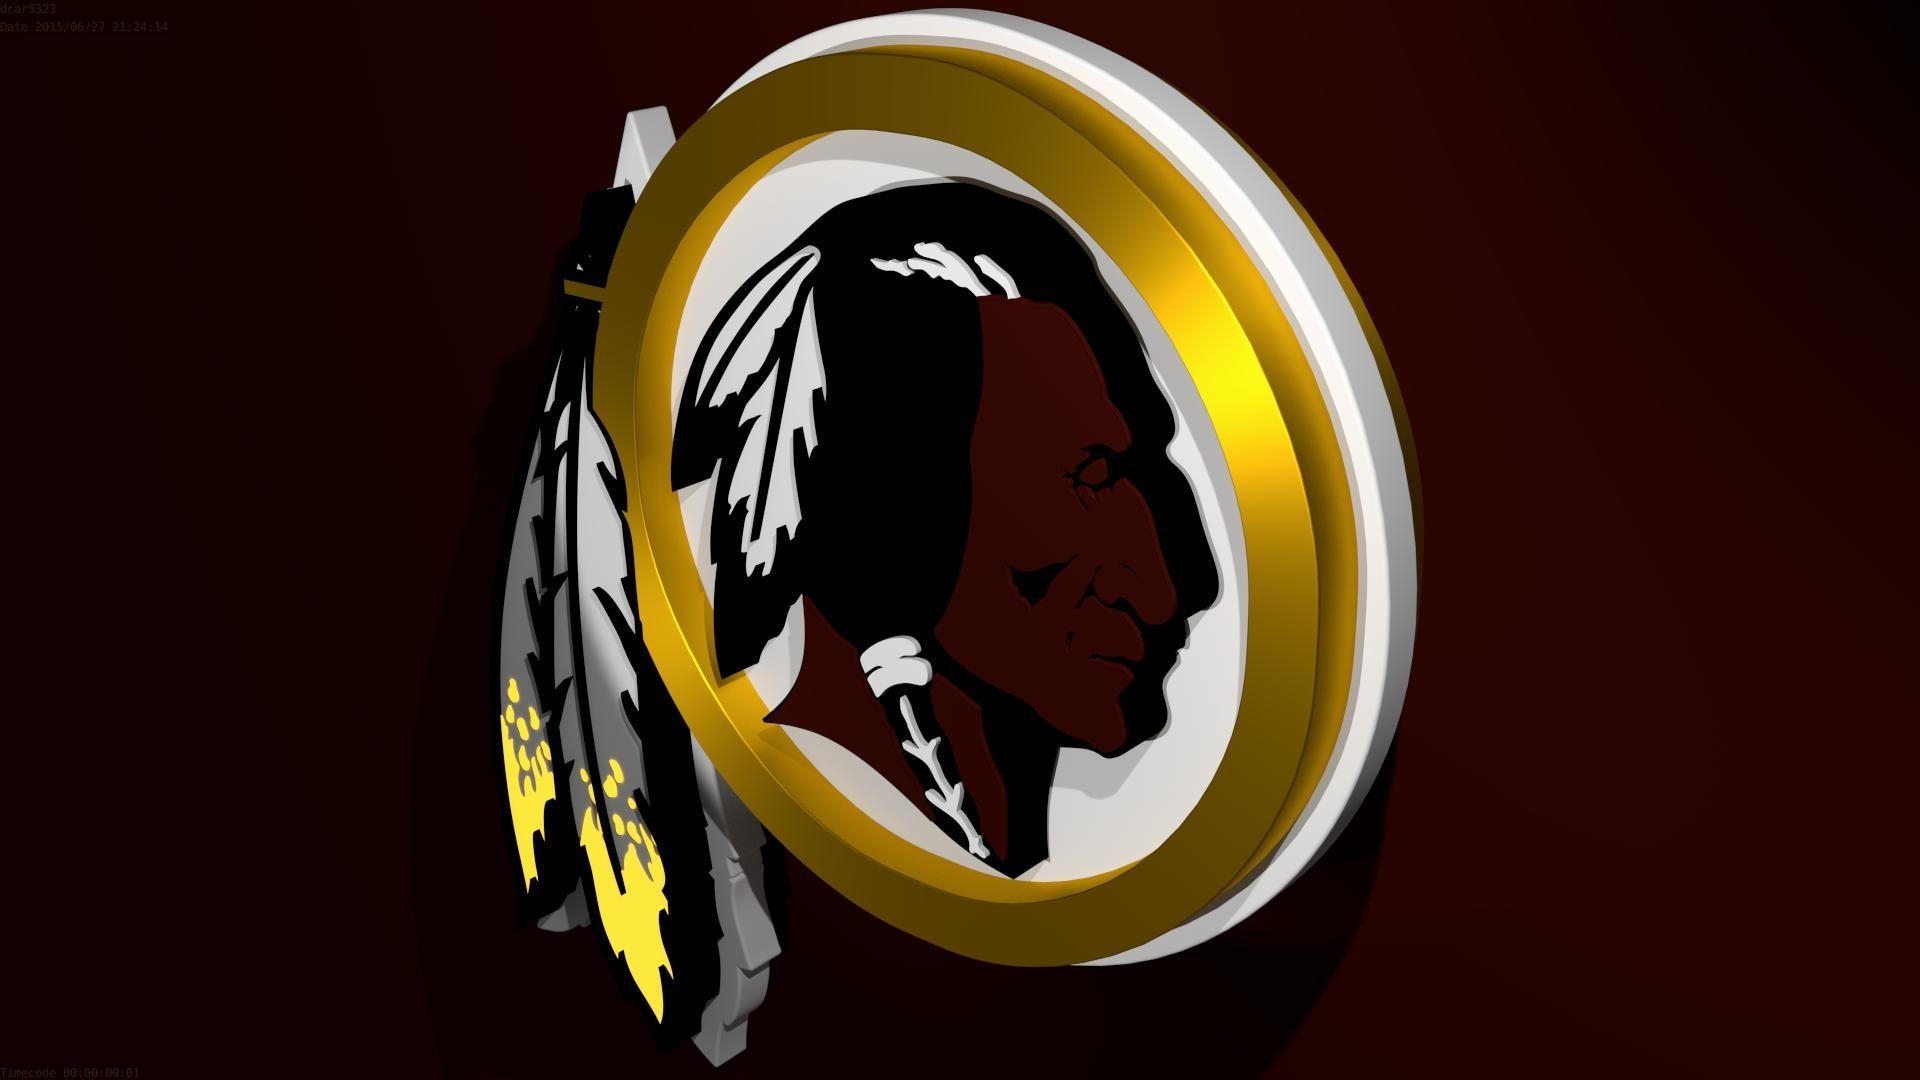 Redskins-Wallpaper-HD-Images-Download